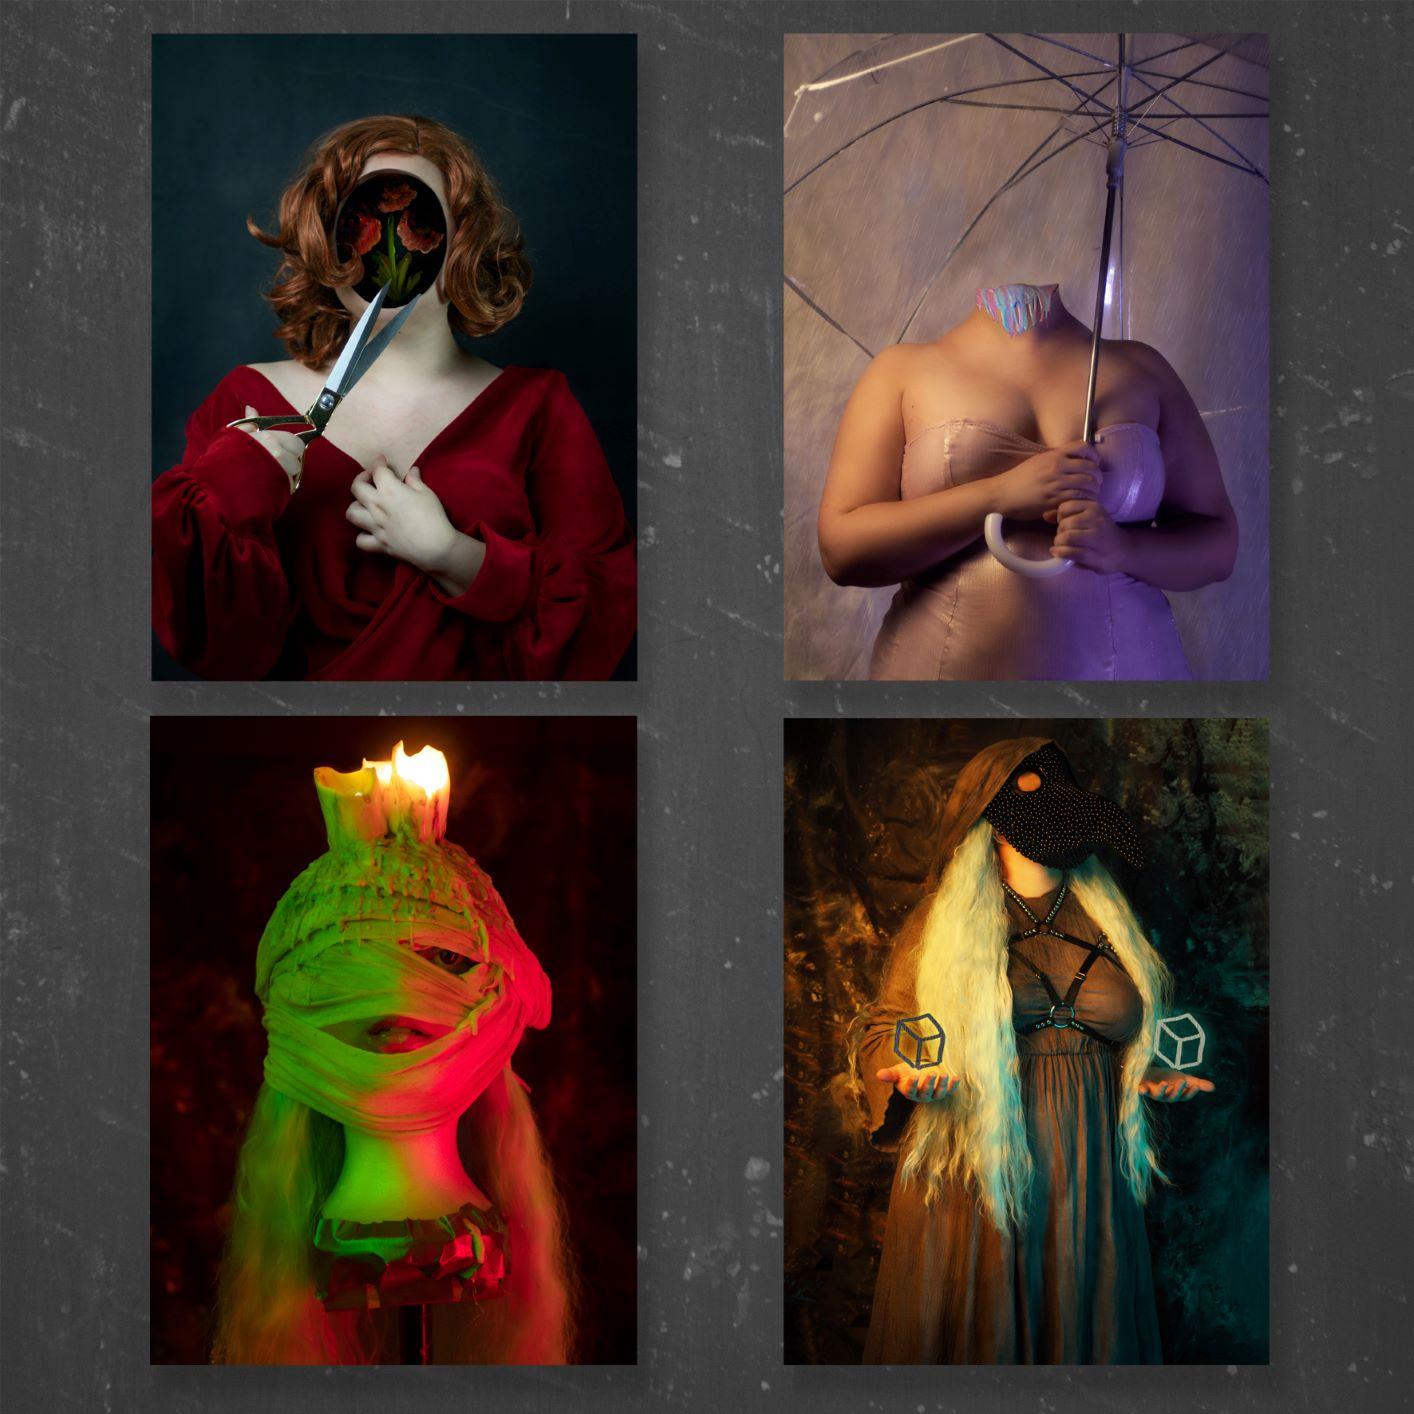 Coleção de 4 prints A5